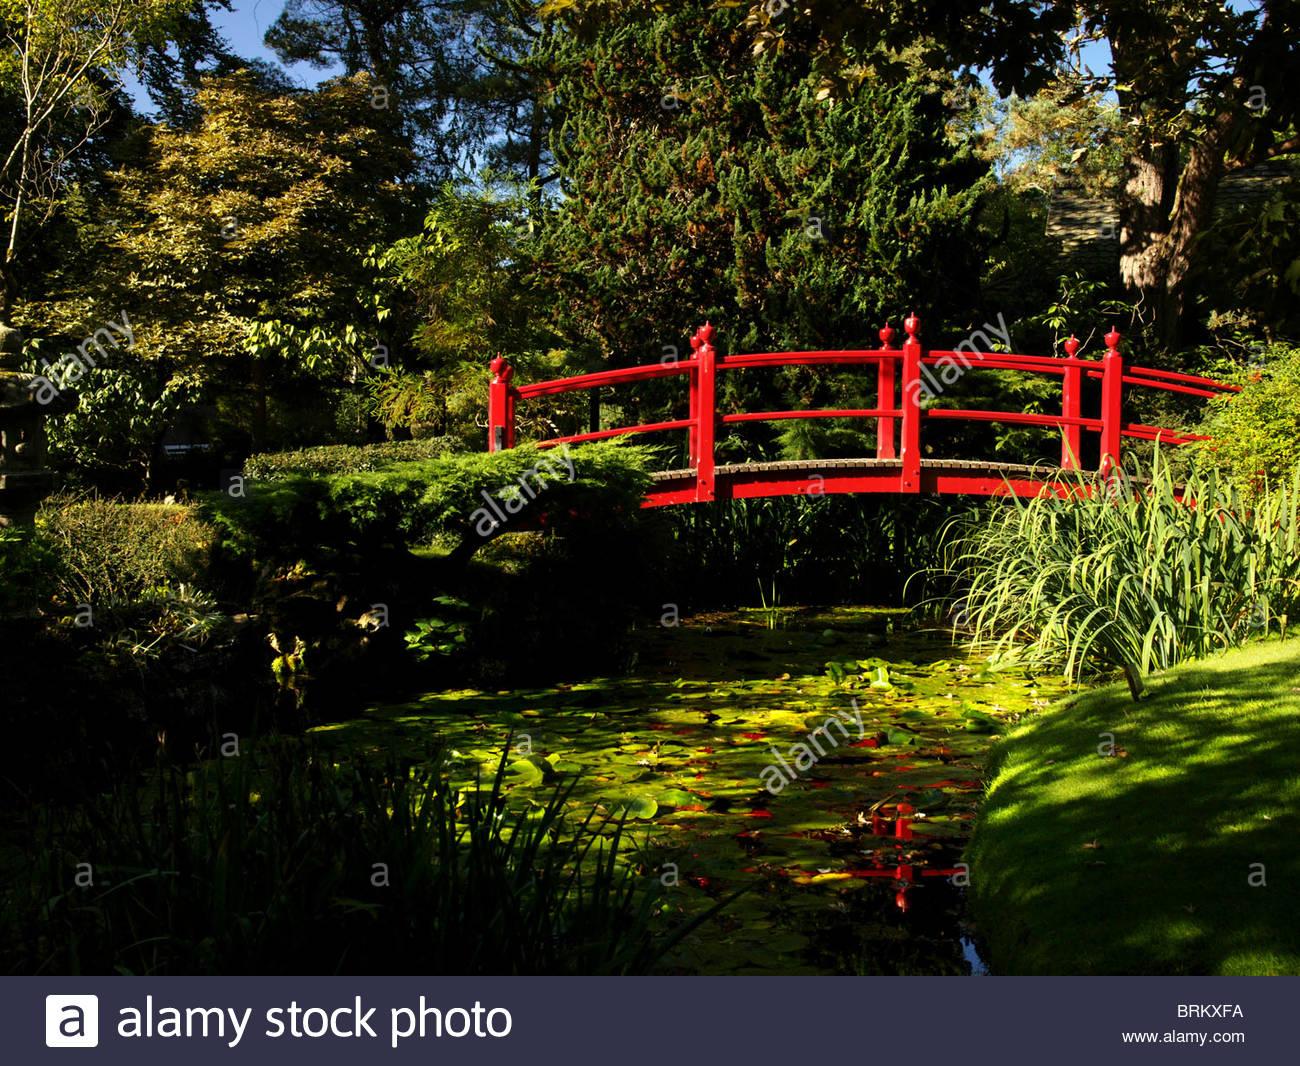 Eine rote Brücke innerhalb einer japanischen Themengarten in Irland Stockbild